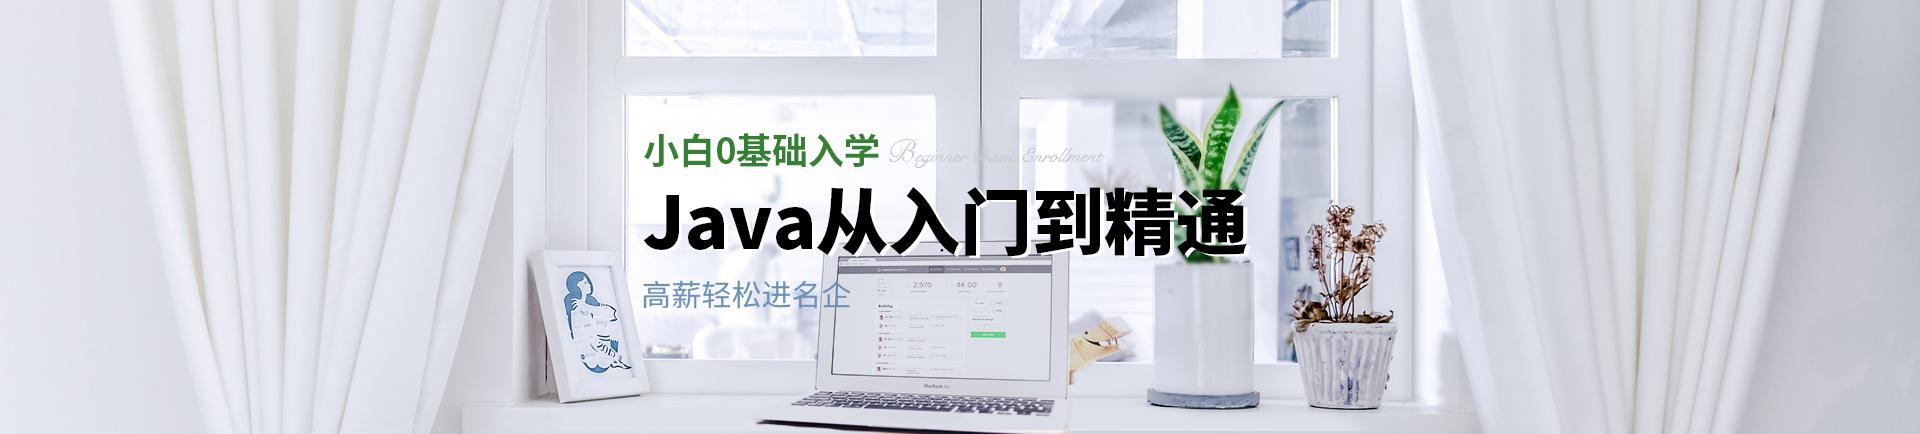 �白0基础入学 Java从入门到精通 高薪轻�进��-zhejiang